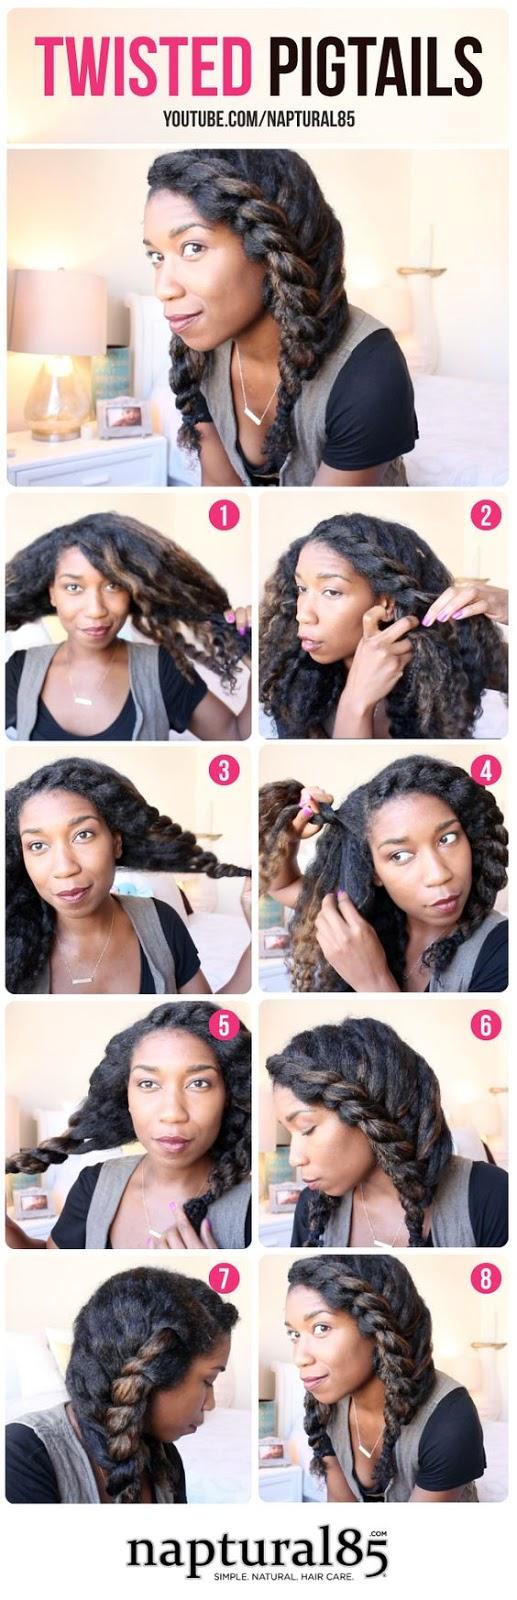 cabelo_crespo_black_power_afro_africana_mulher_minoria_defesa_dicas_tutorial_preta_força_da_mulher_feminismo_saída_cabelo_cacheado_escola_faculdade_humanas_trança